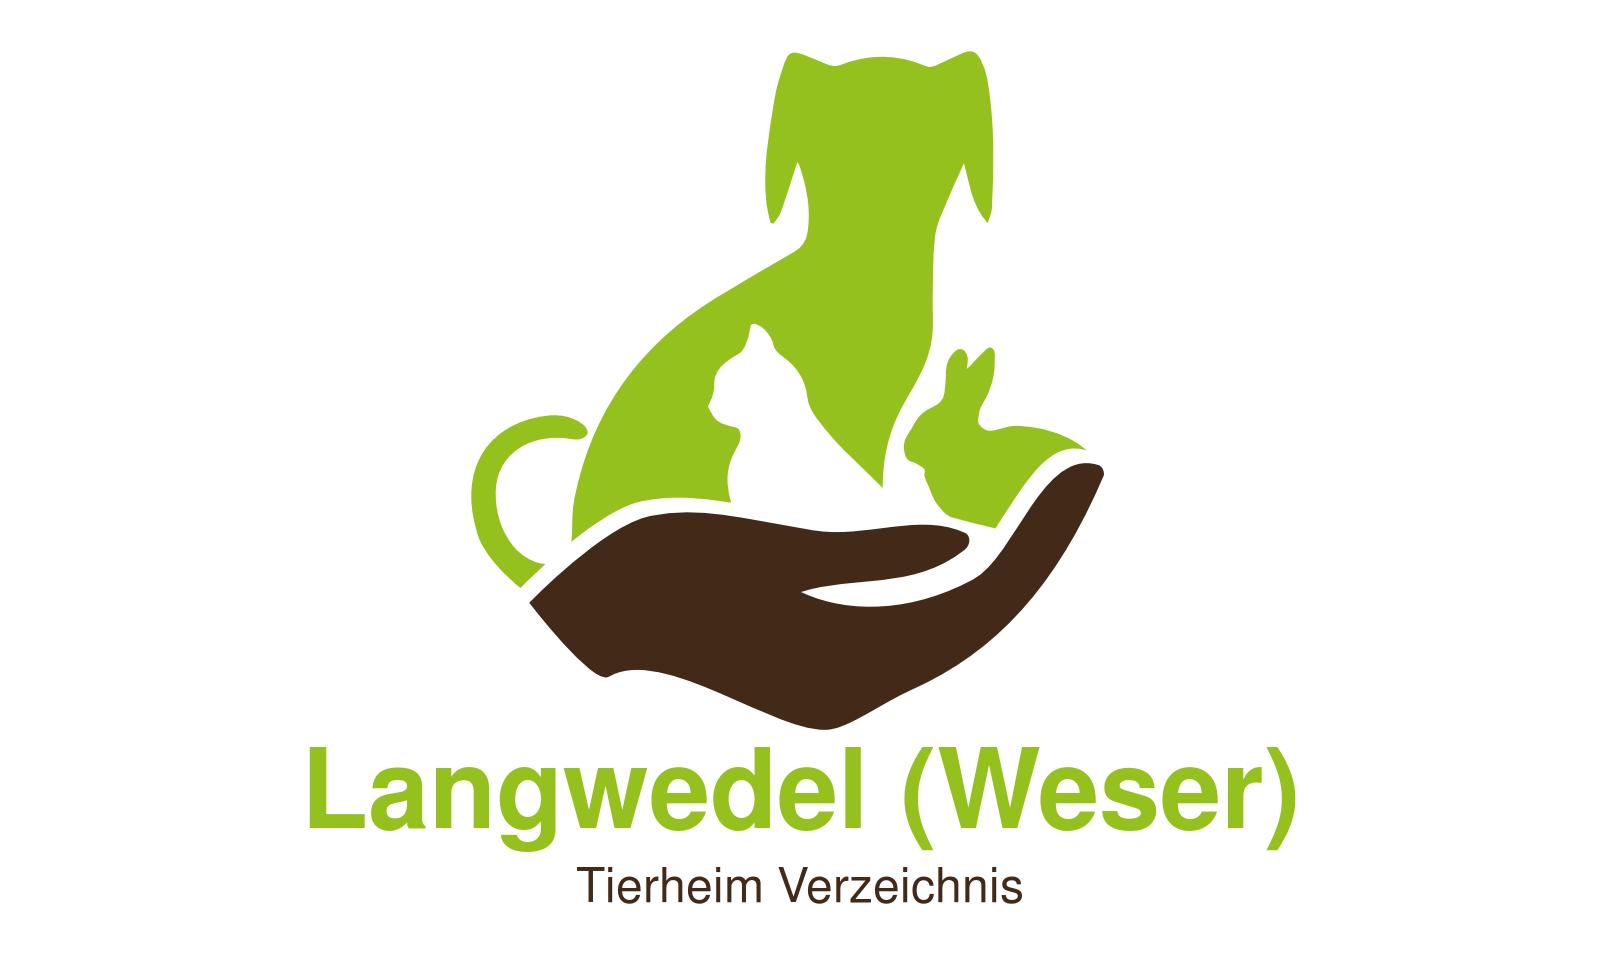 Tierheim Langwedel (Weser)